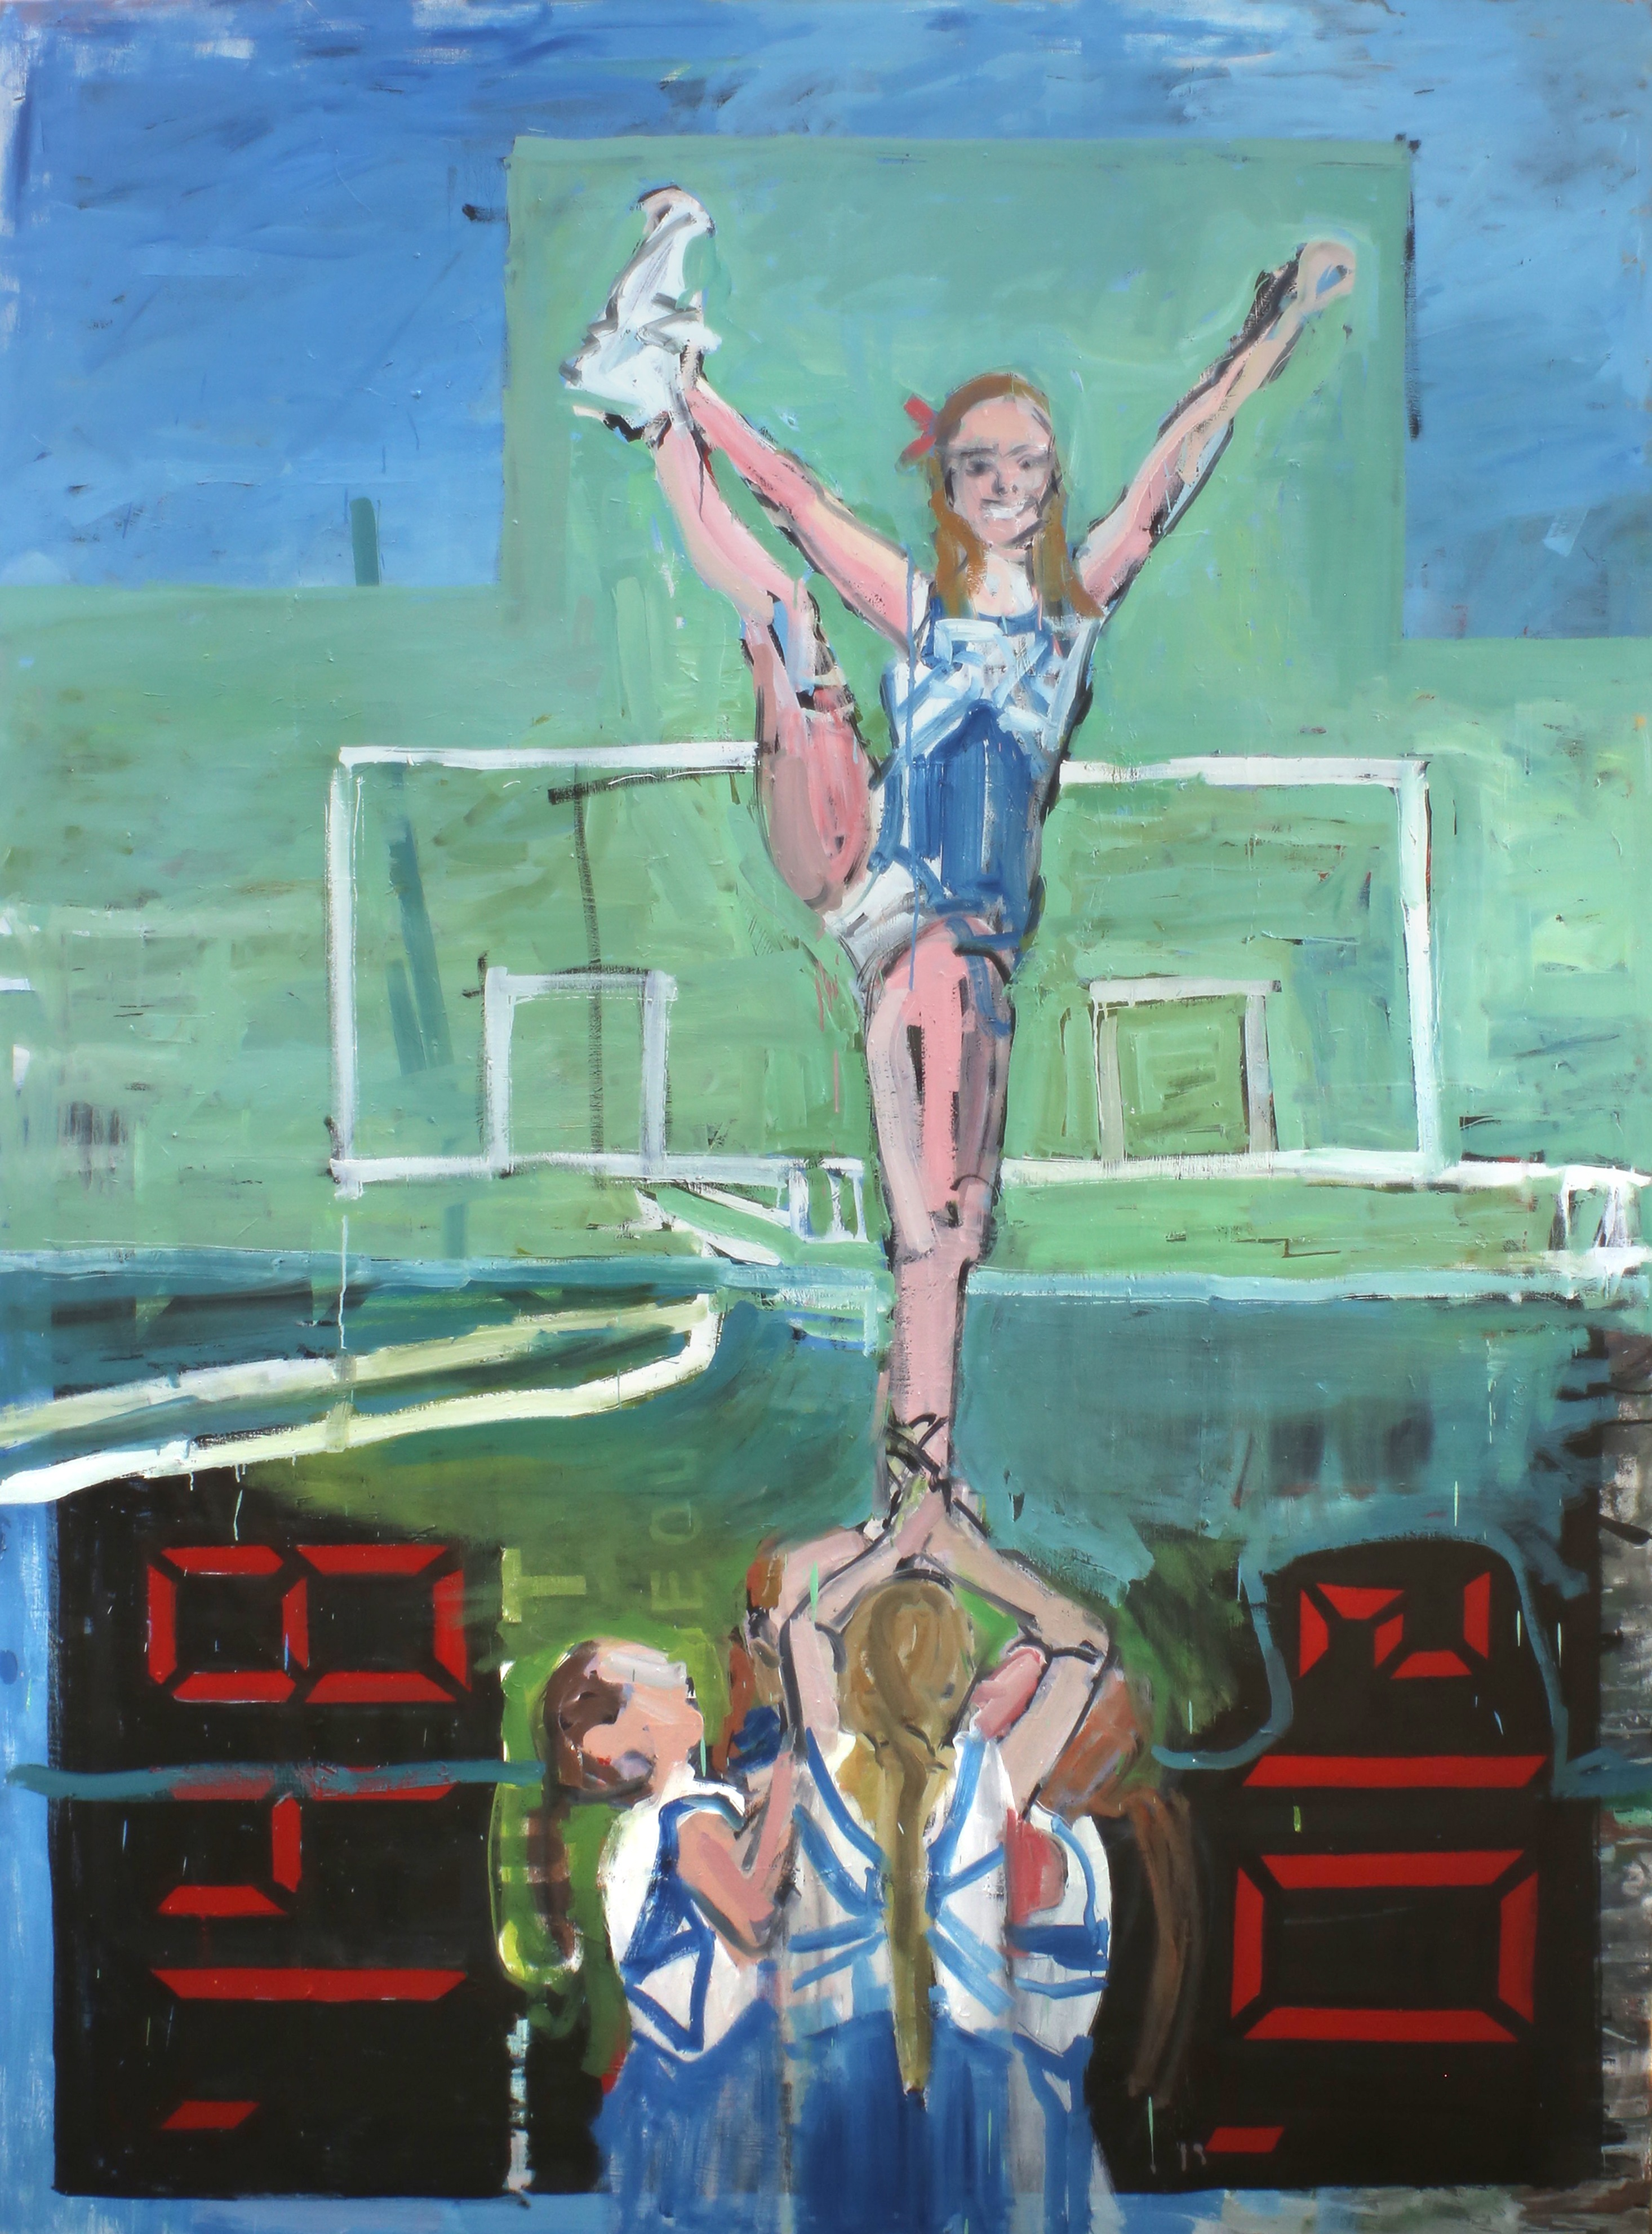 Eglė Butkutė. Žvaigždė. A star. Aliejus, drobė. Oil on canvas. 200 x 180, 2016